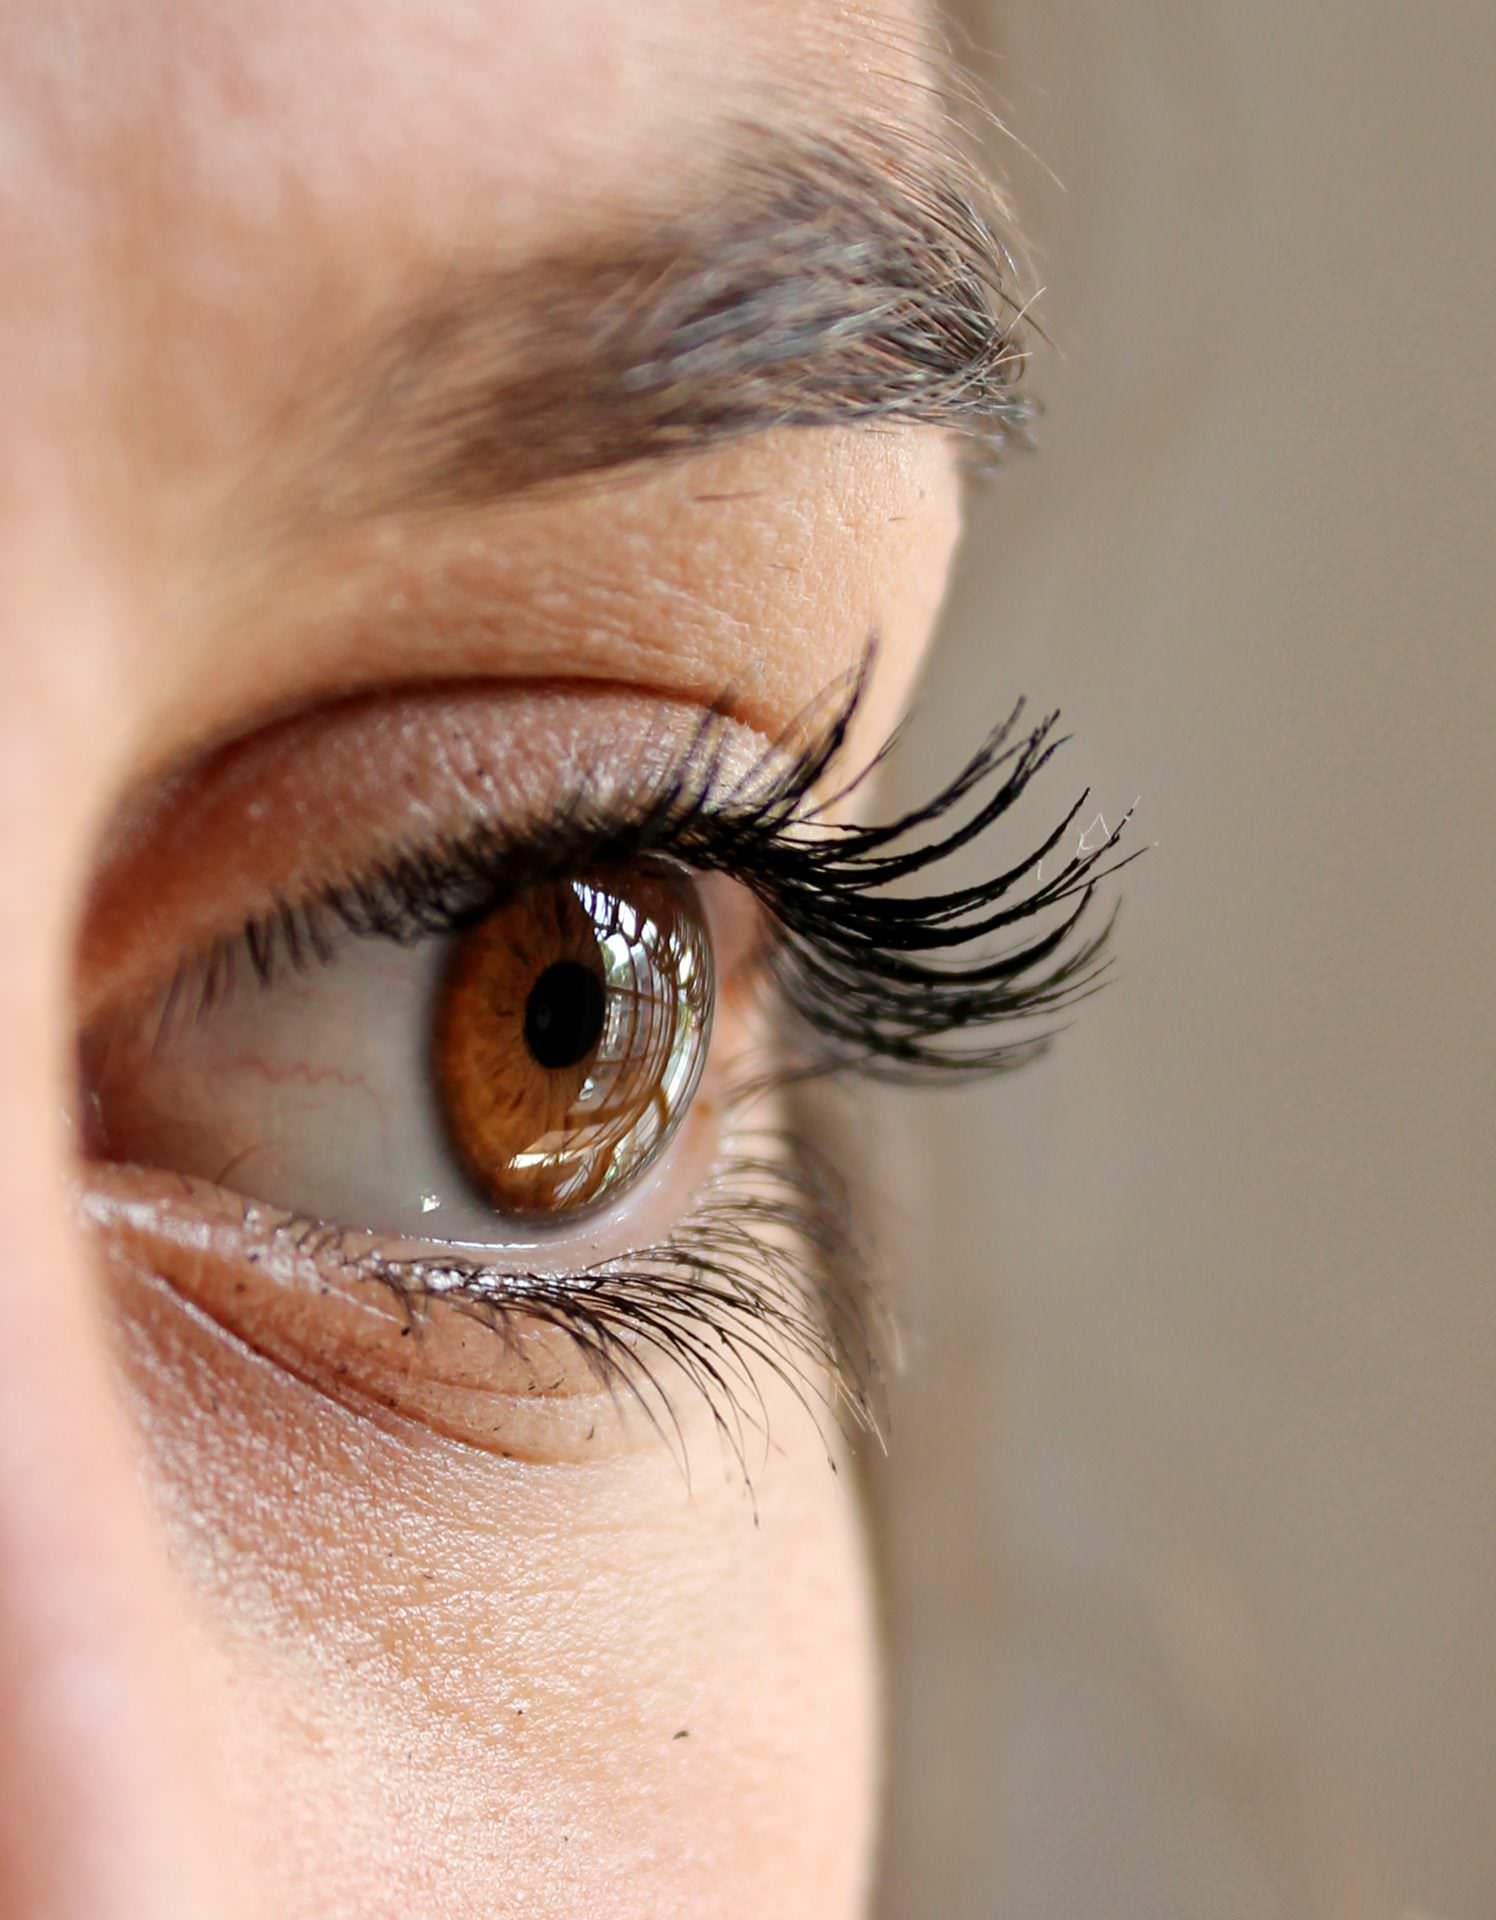 Günstige Kontaktlinsen vom Augen-Optiker in Teningen, Freiburg, München, Essingen, Waldkirch, Sulzburg und Pfaffenweiler